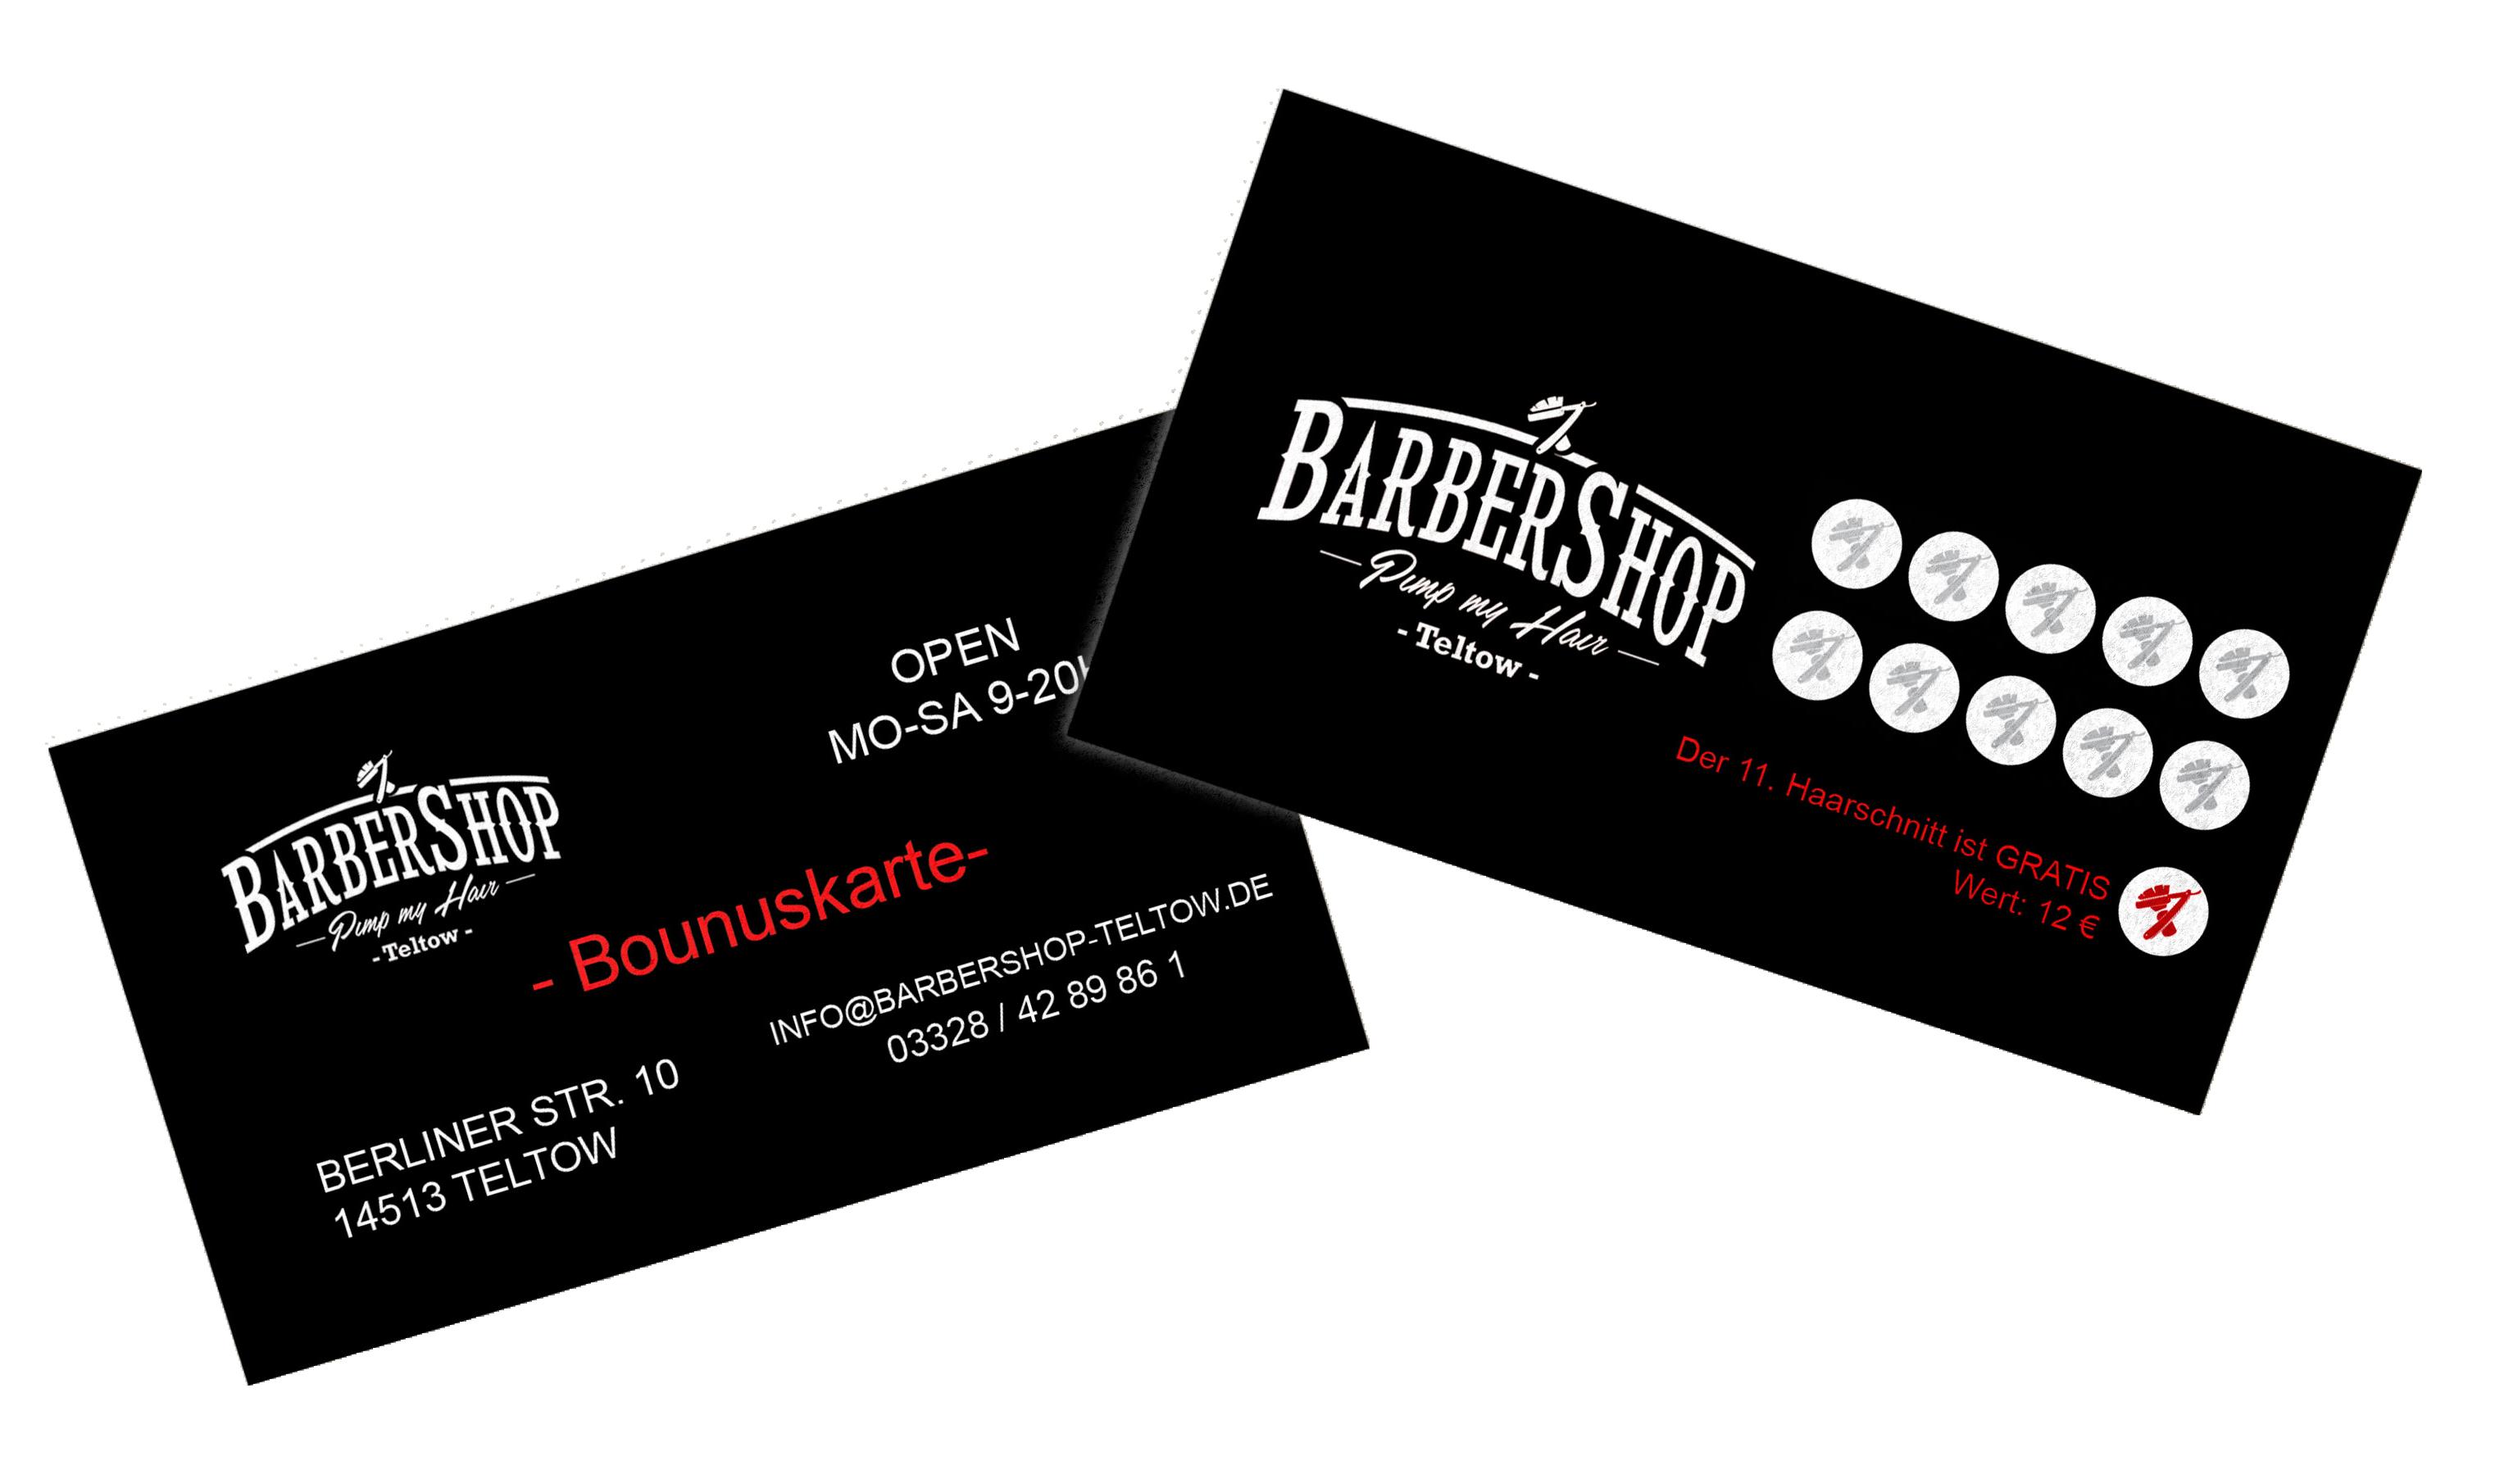 bonuskarteeee